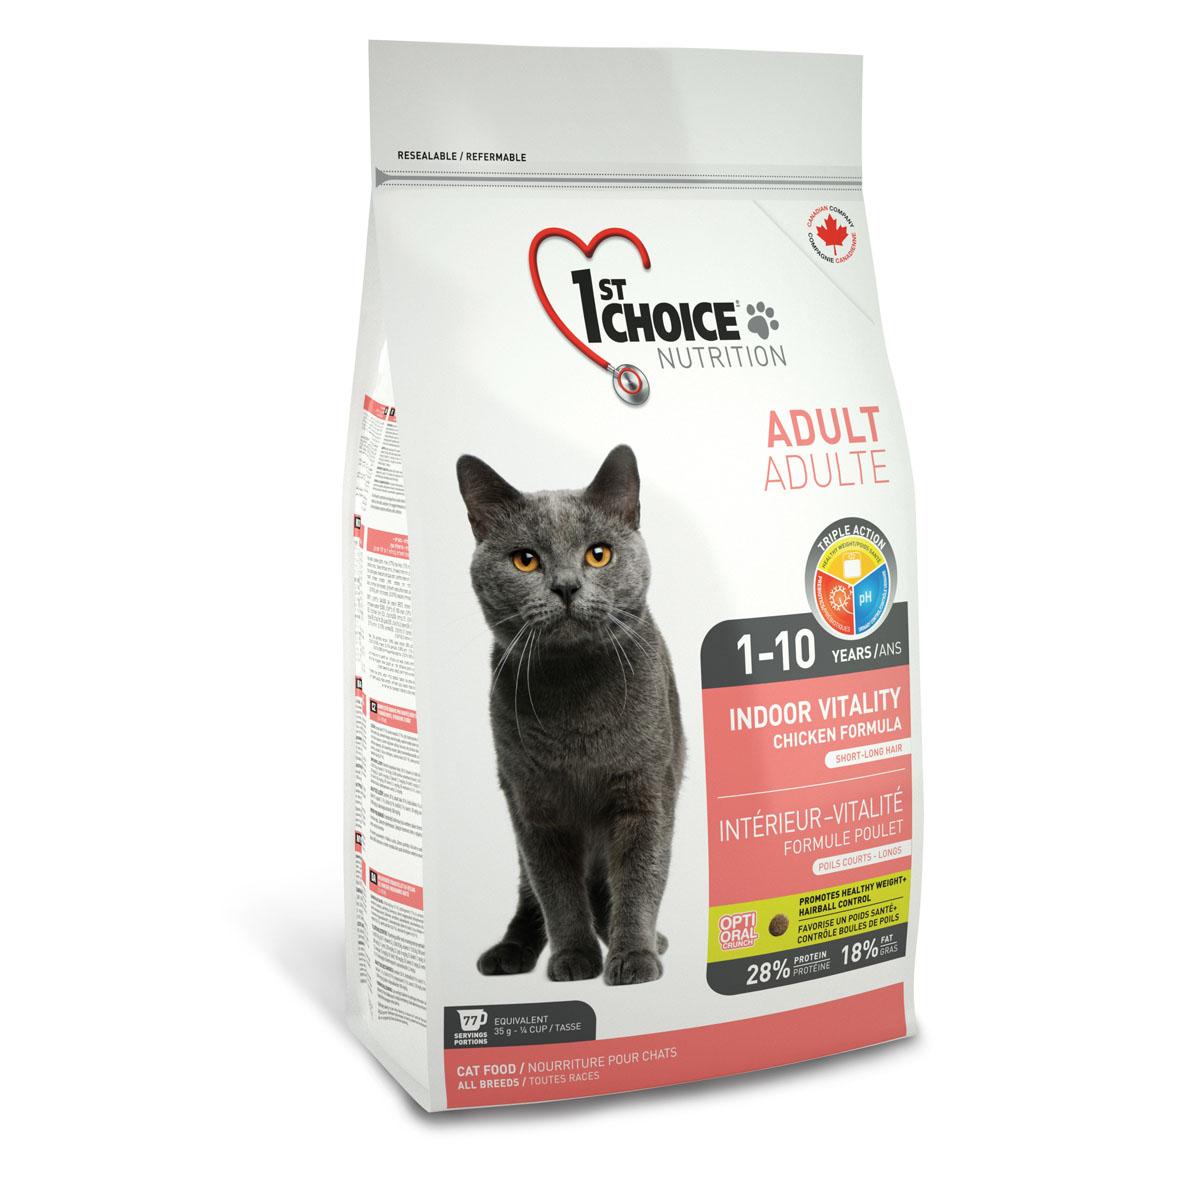 Корм сухой 1st Choice Adult для живущих в помещении взрослых кошек, с курицей, 907 г